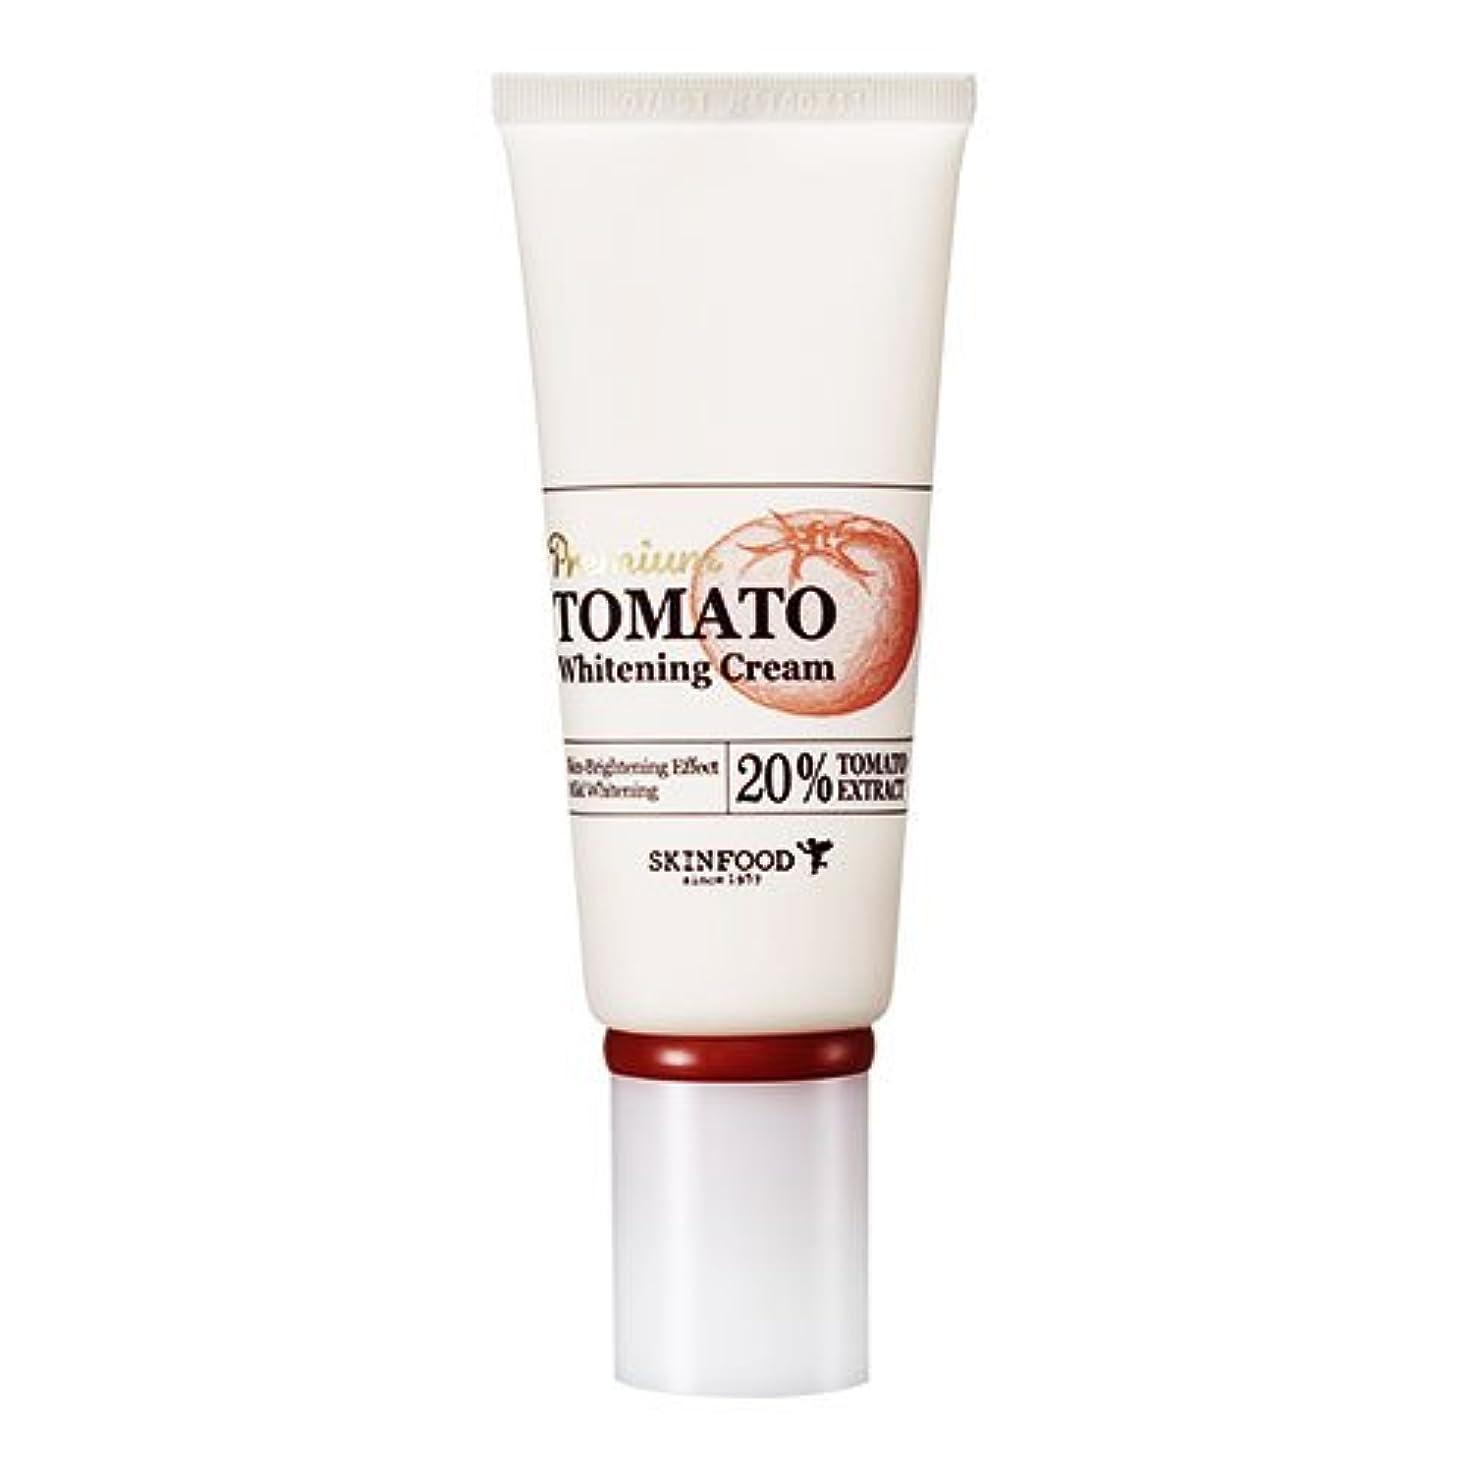 間に合わせゴシップ争いSkinfood プレミアムトマトホワイトニングクリーム(美白効果) / Premium Tomato Whitening Cream (Skin-Brightening Effect) 50g [並行輸入品]